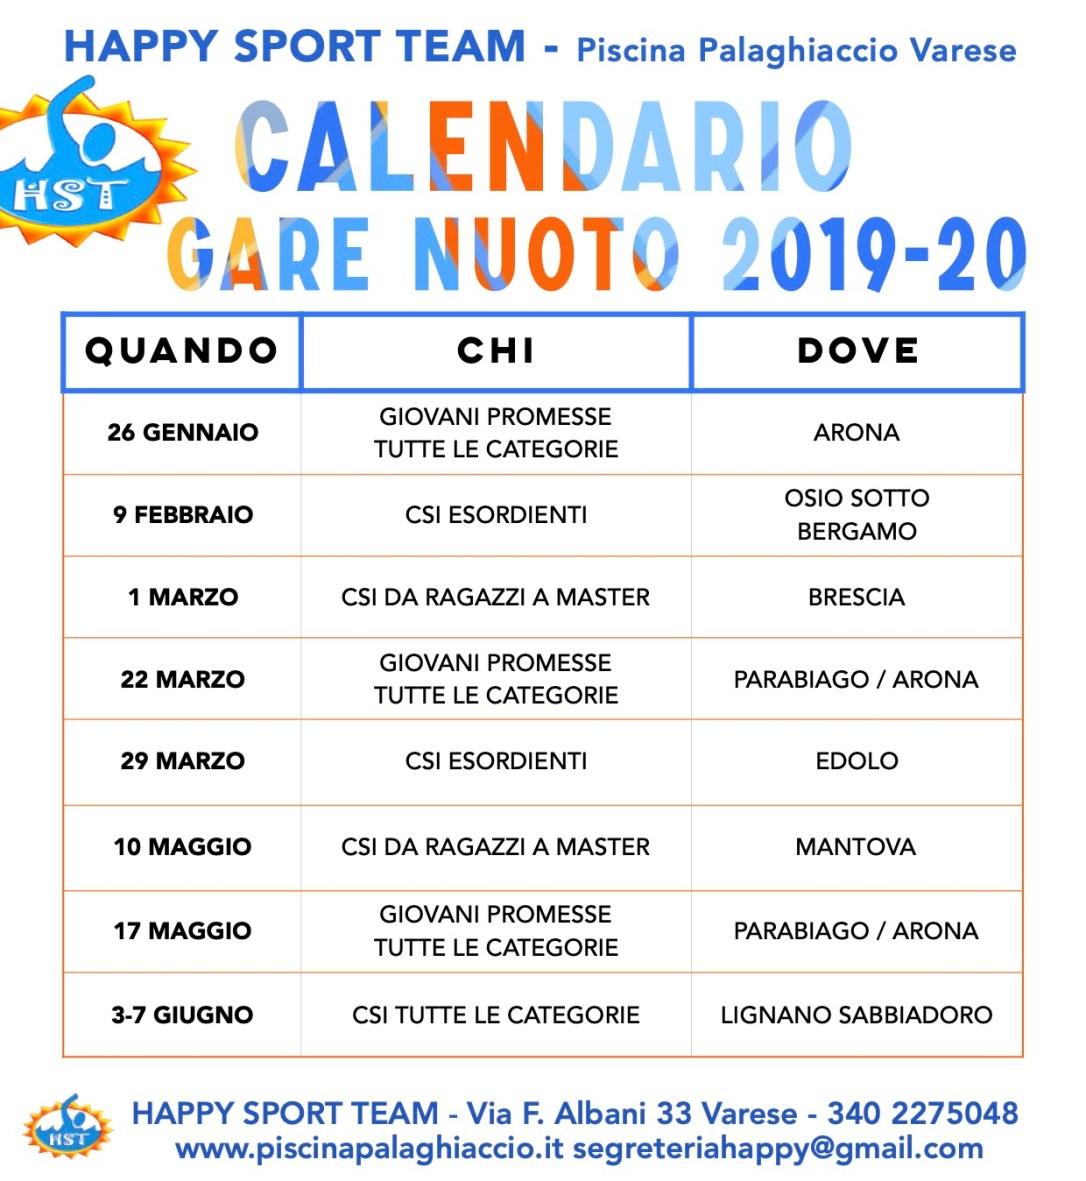 CALENDARIO-GARE-2019-20-1790751426-1576574214375.jpg